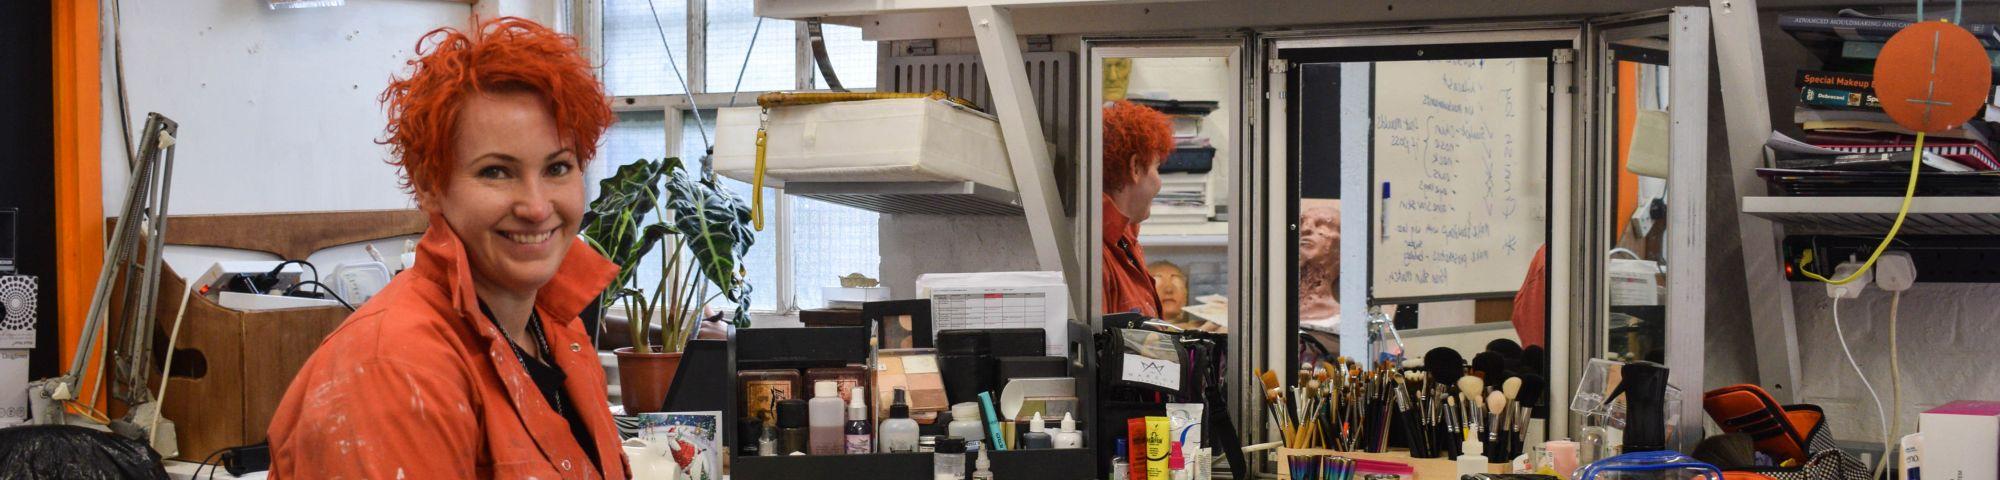 Jennifer Drew in her studio